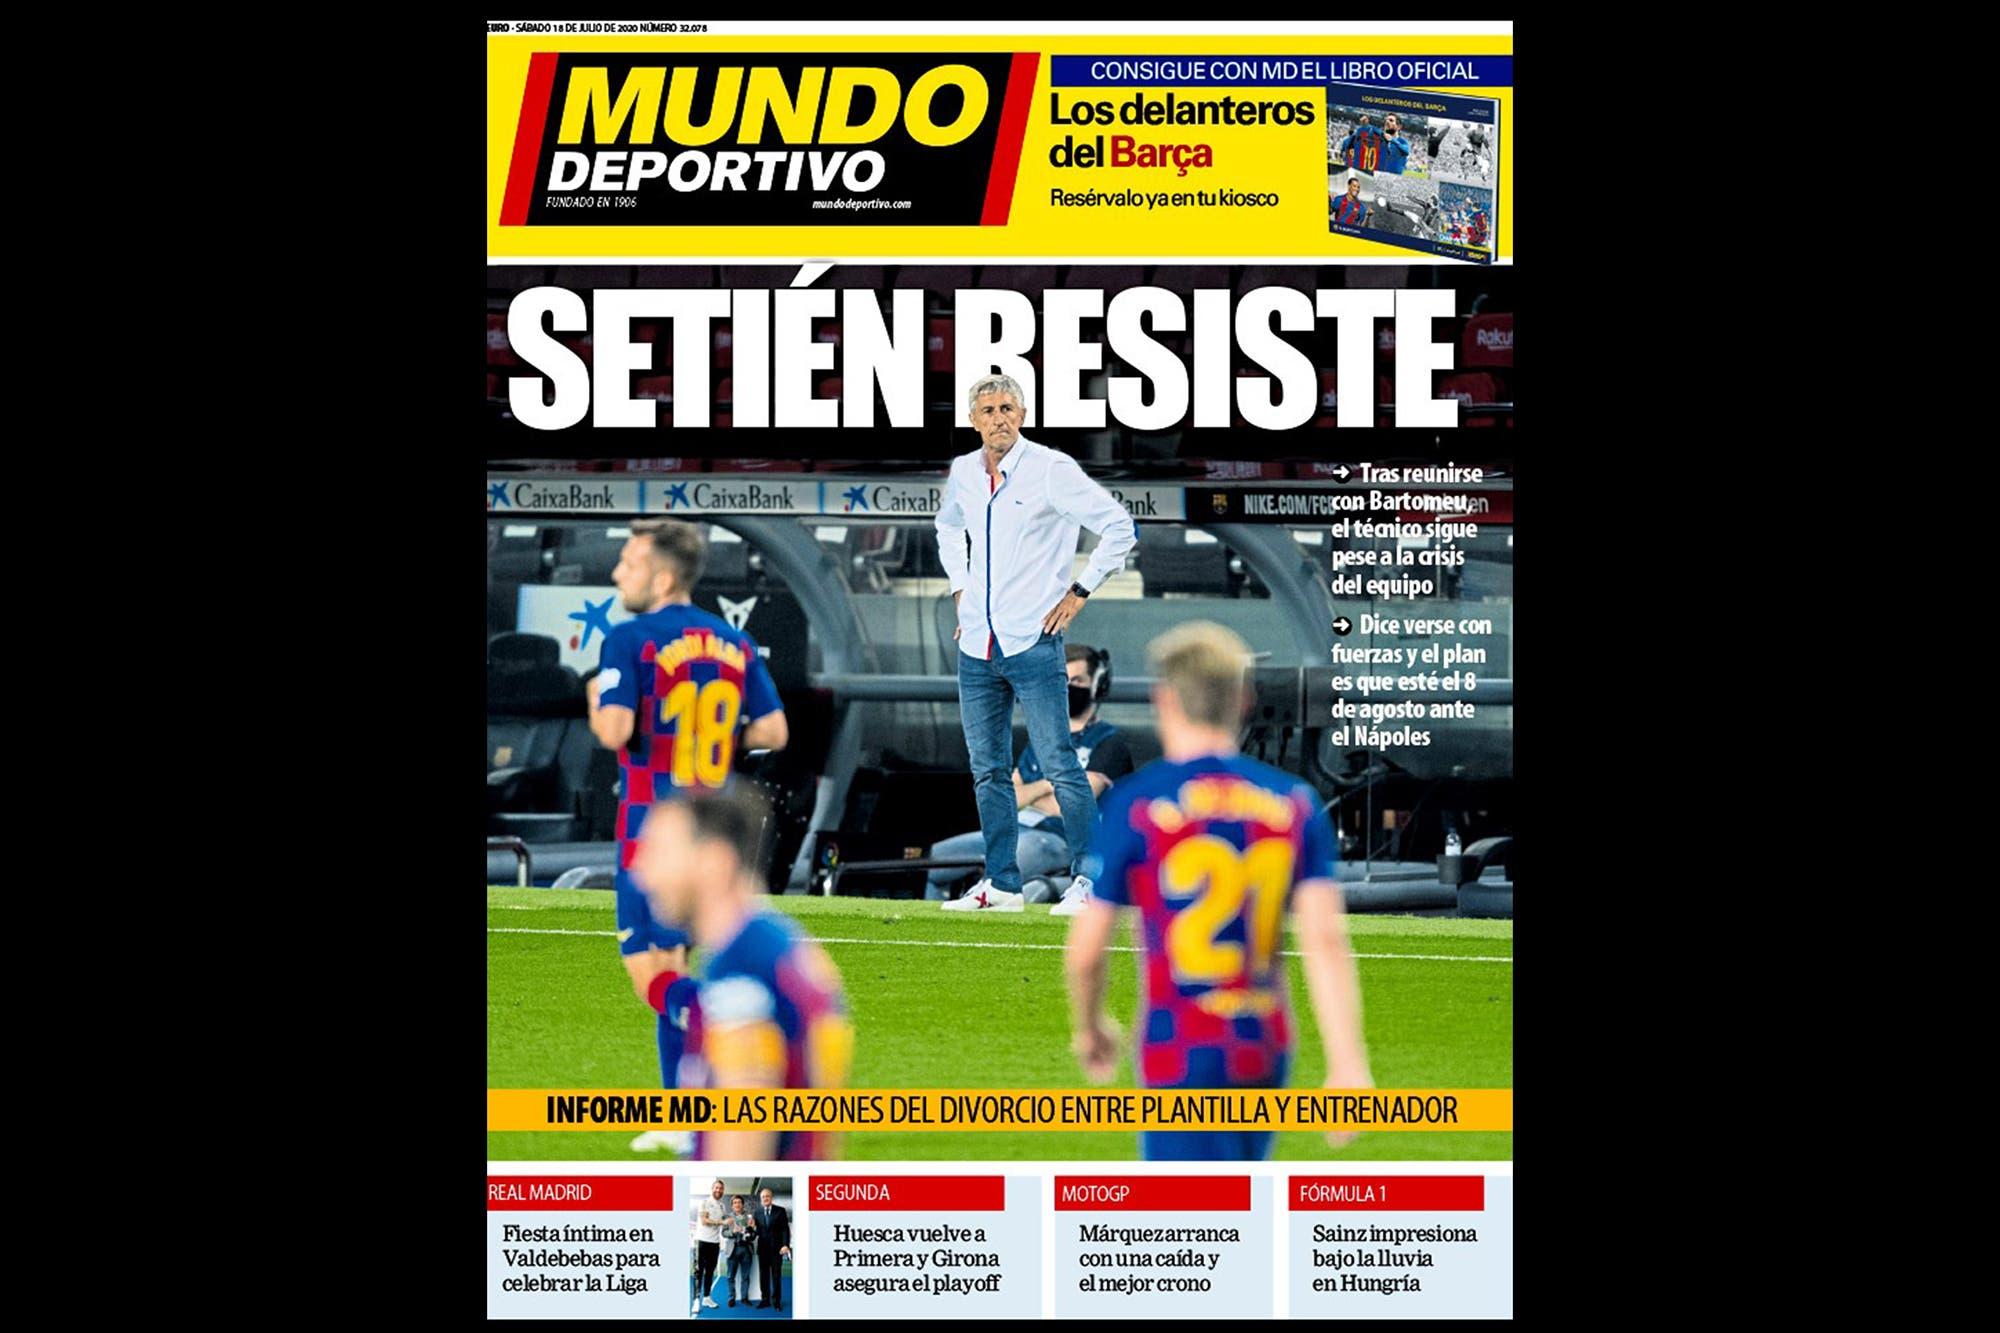 Setién sigue en Barcelona, pero la percepción general es que tiene las horas contadas: la relación con el plantel es nula